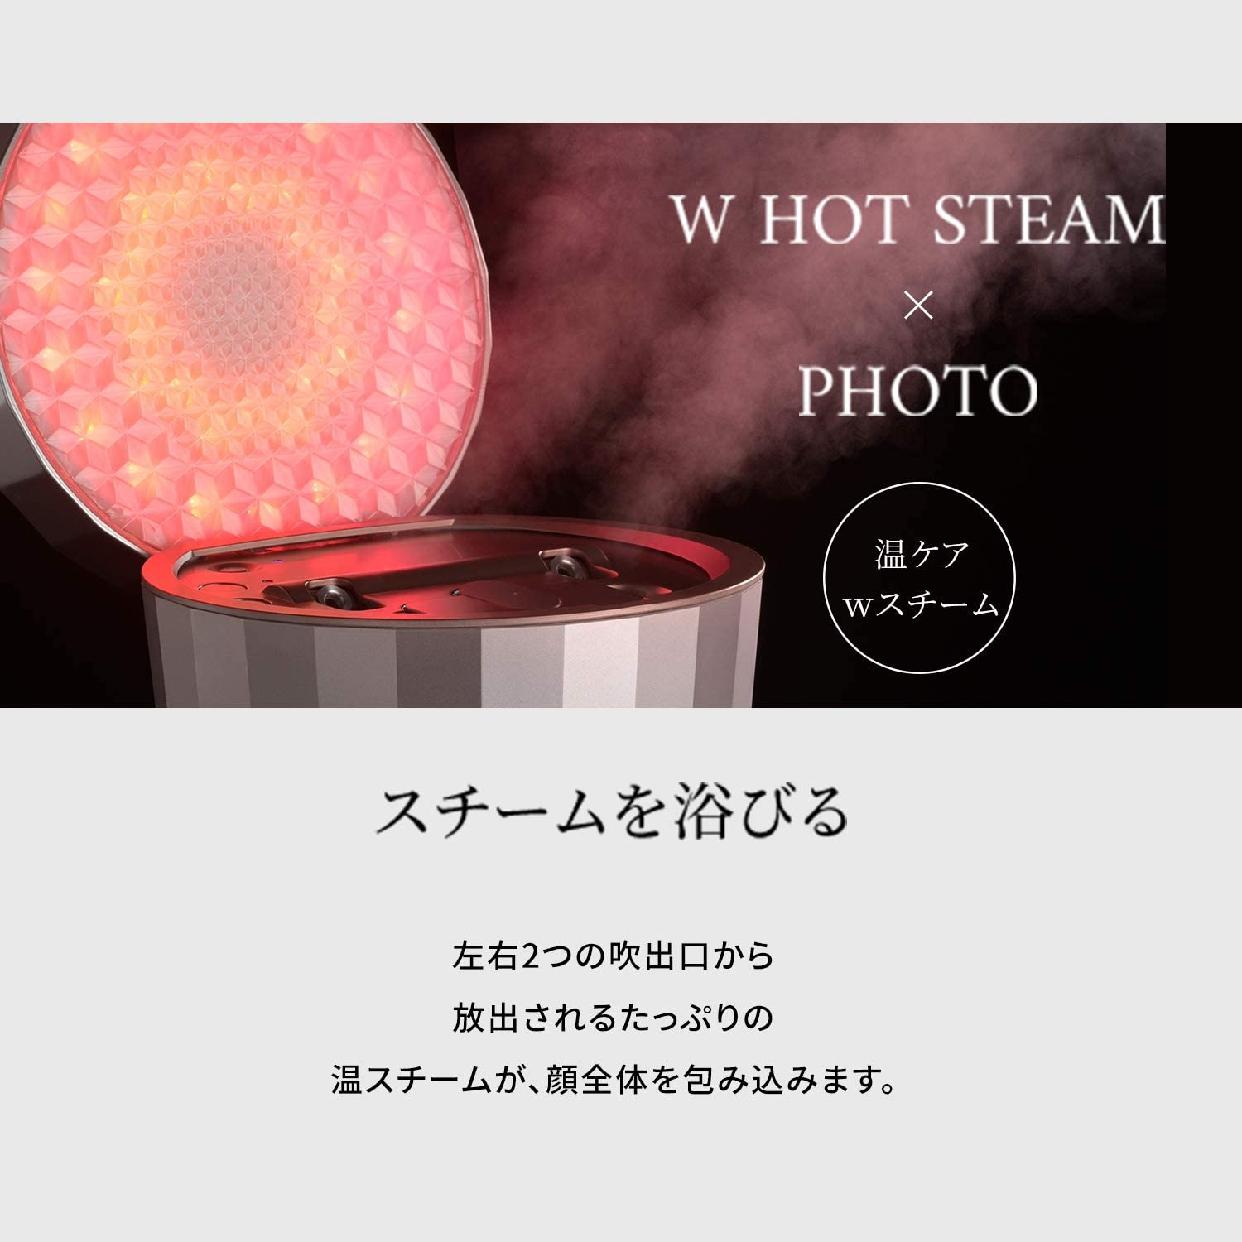 YA-MAN(ヤーマン) フォトスチーマーの商品画像5